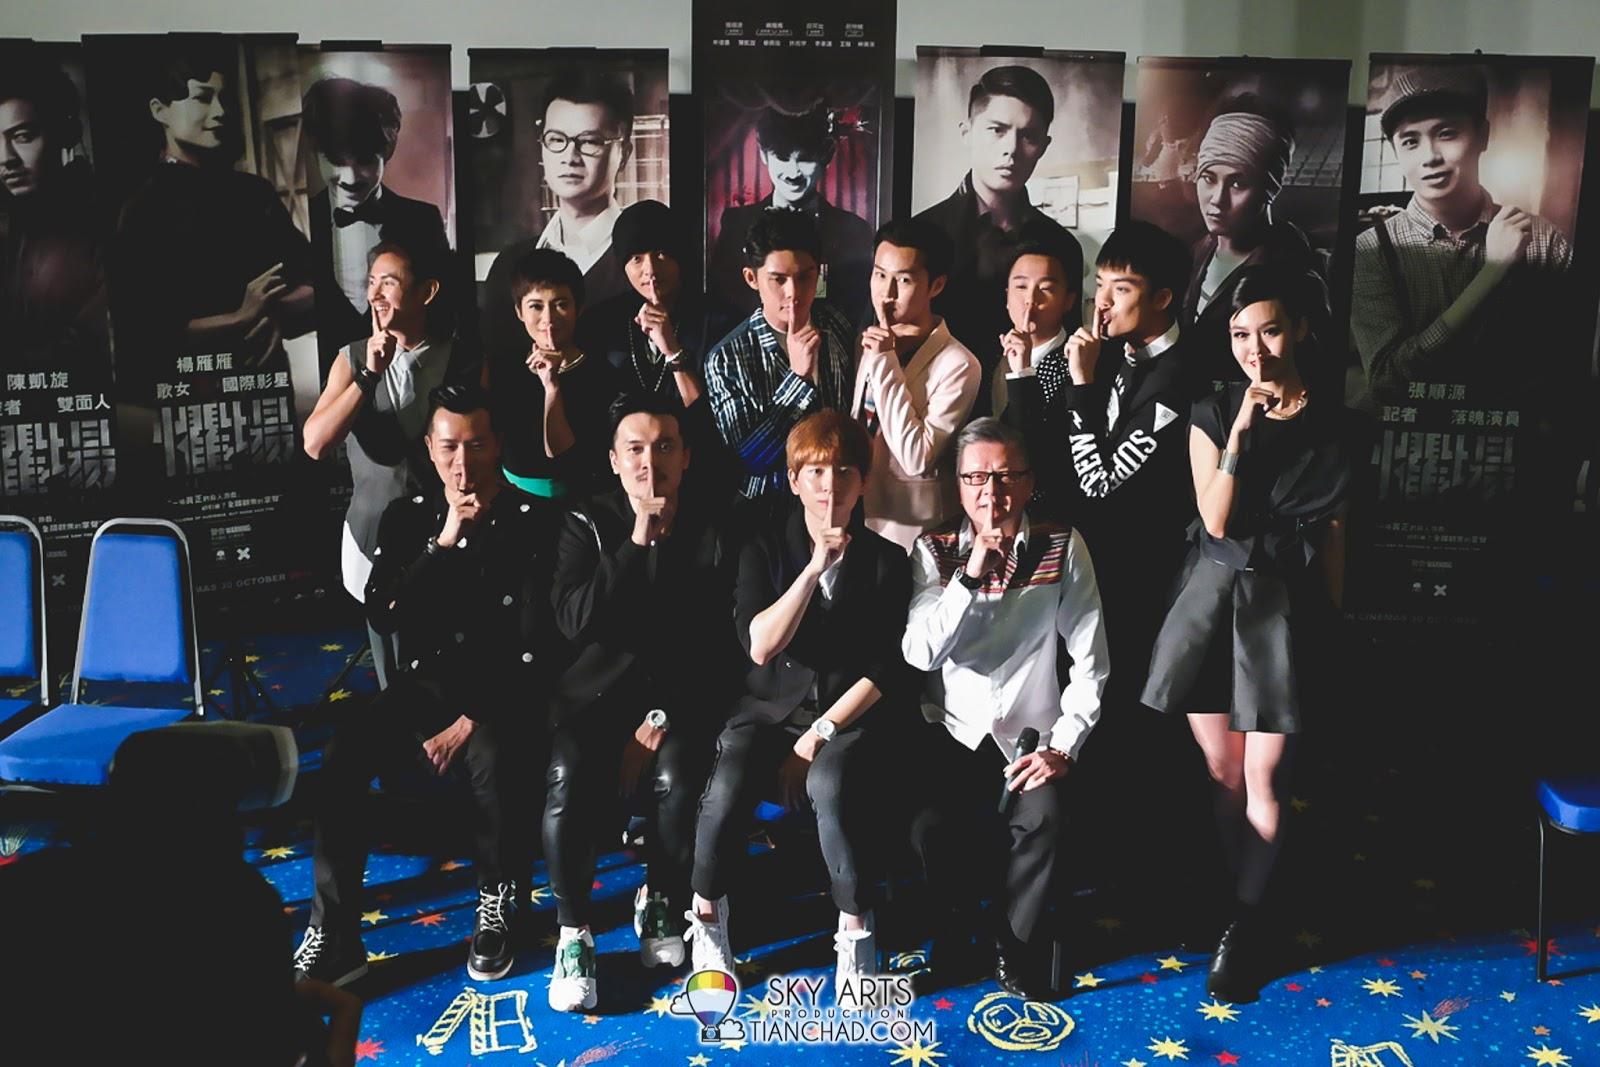 懼場 The Cage - 2014年10月30日 马来西亚全国公映